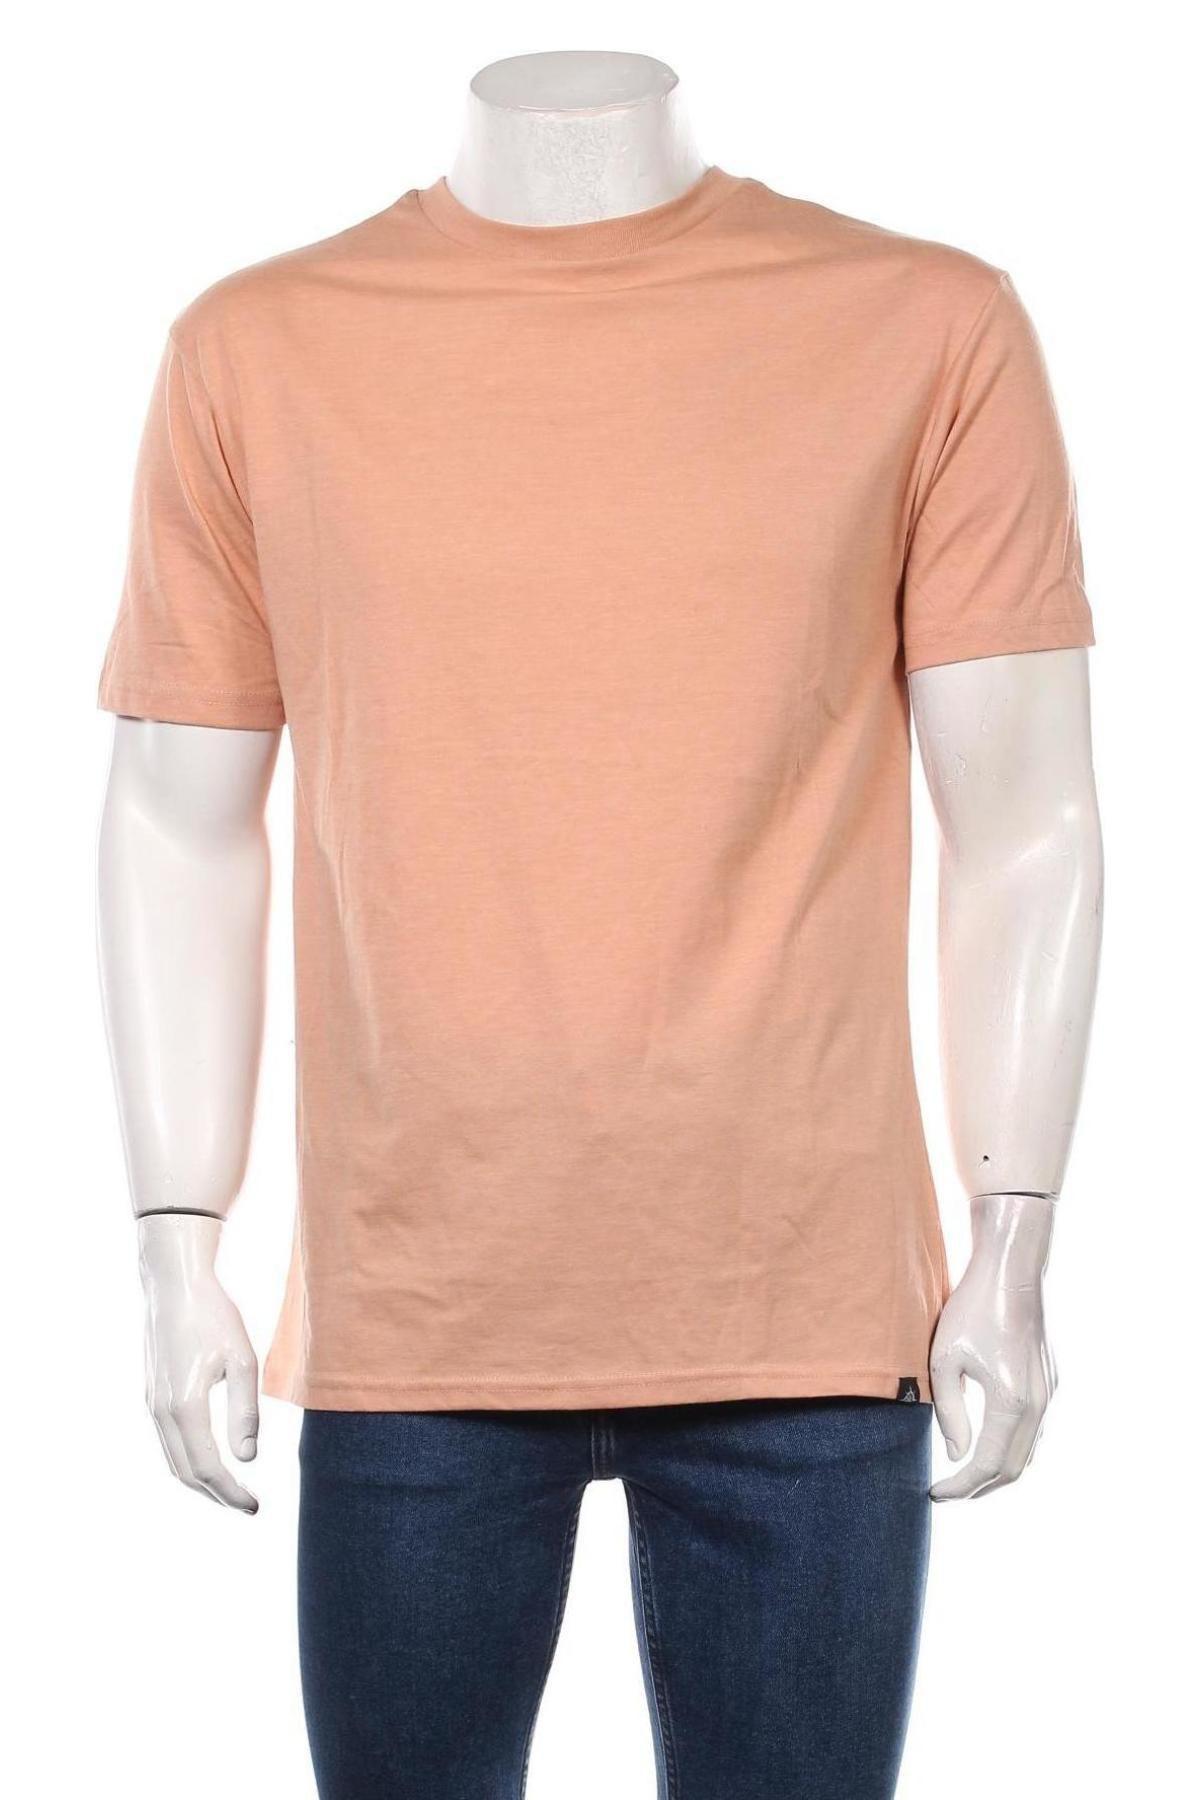 Мъжка тениска Newport Bay Sailing Club, Размер L, Цвят Бежов, 50% памук, 50% полиестер, Цена 12,60лв.